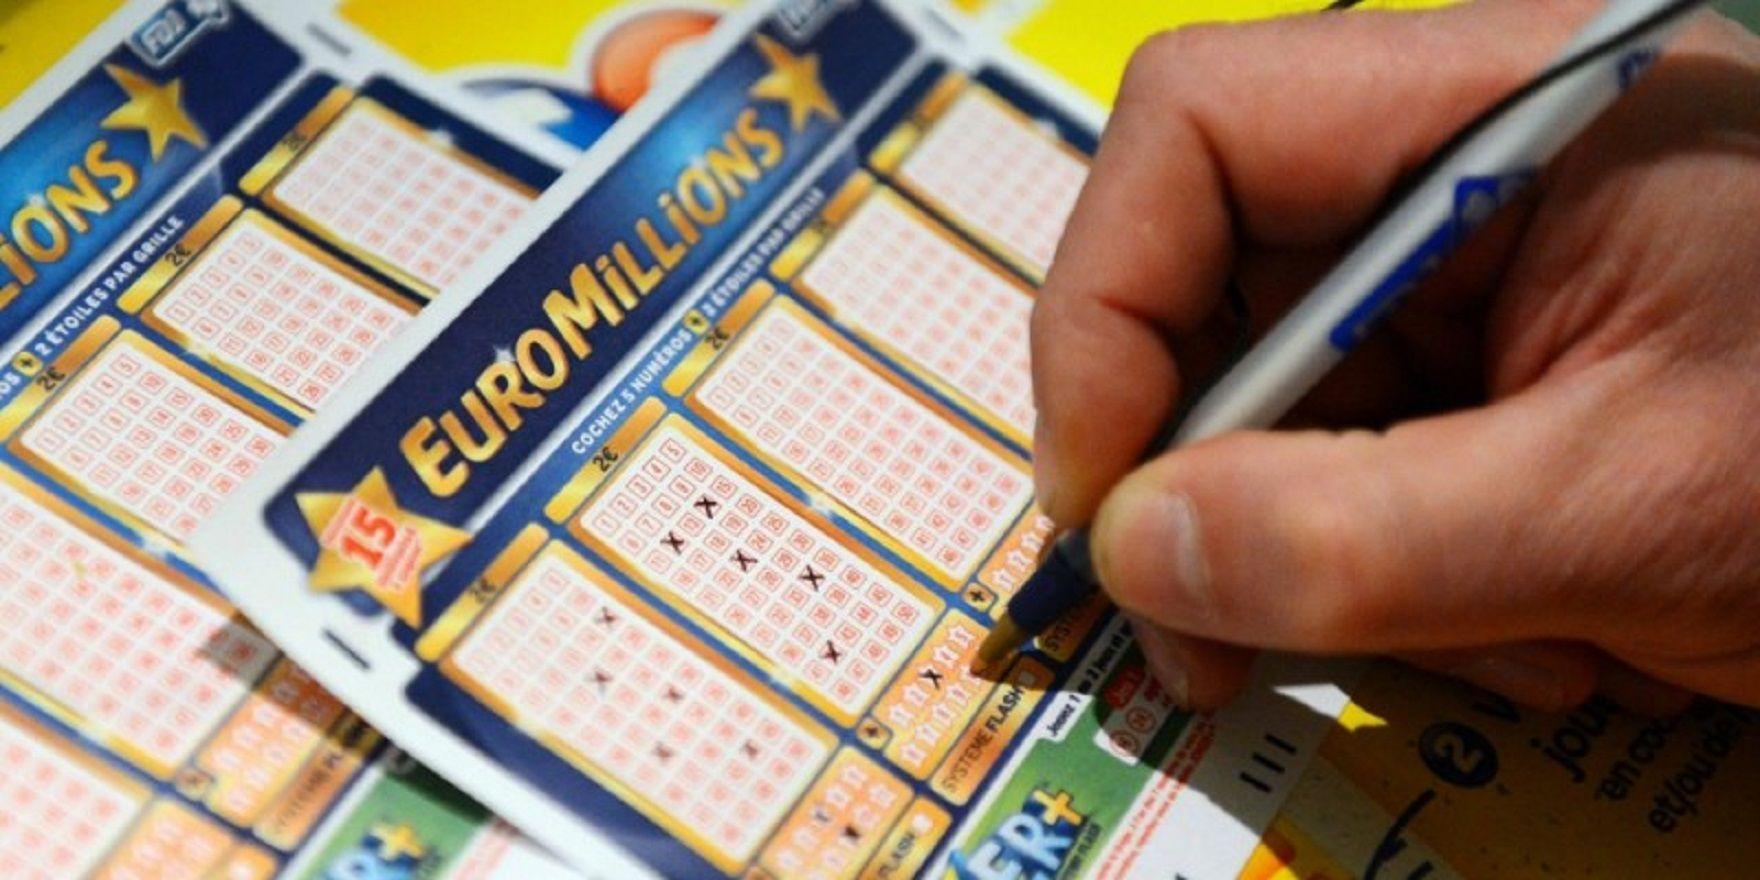 Francia: un apostador ganó dos veces la misma lotería en 18 meses